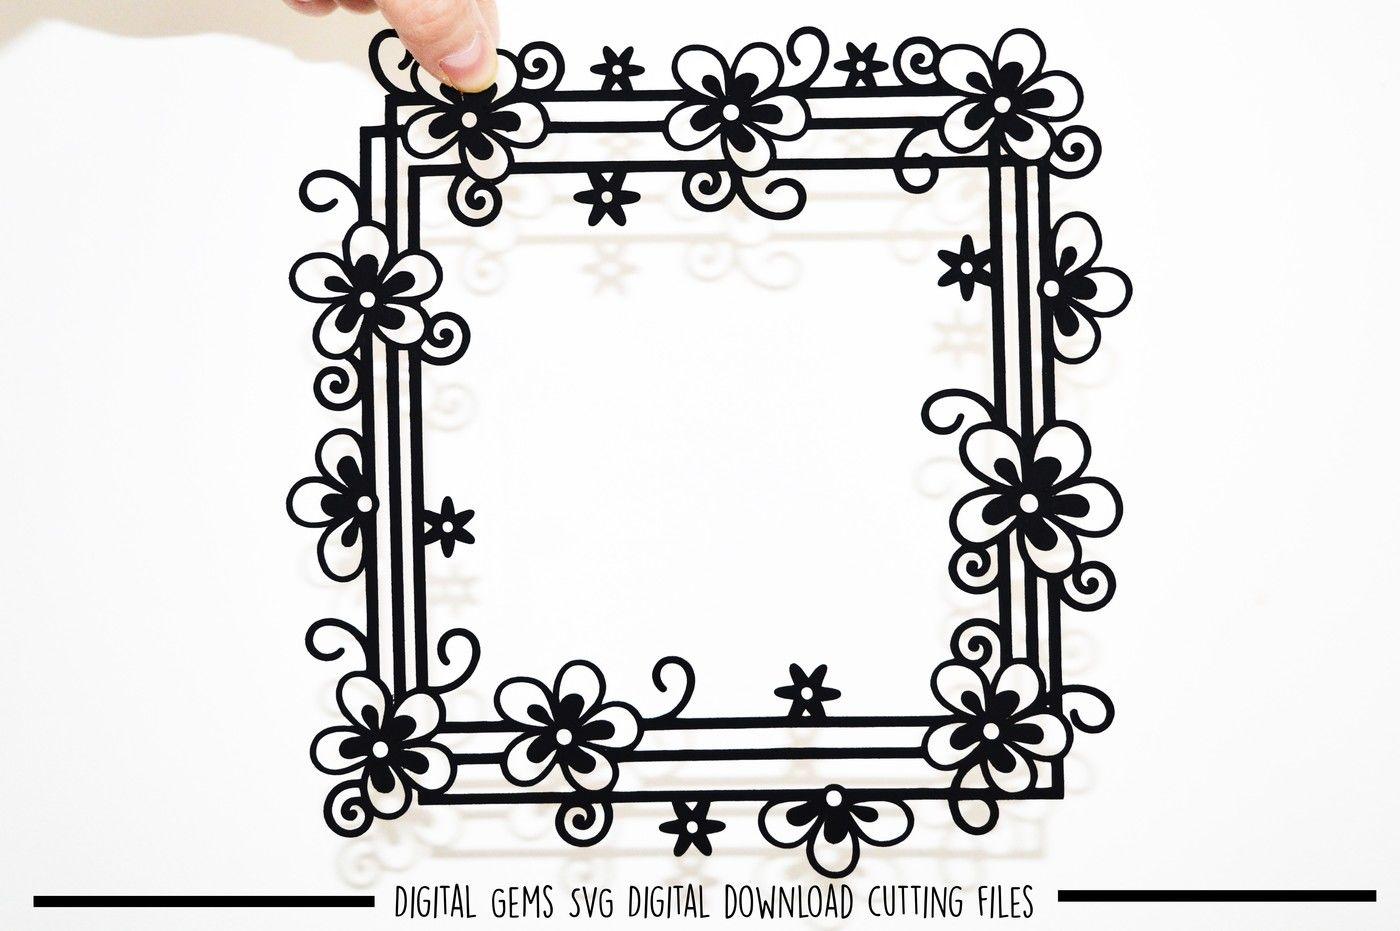 Flower Frame Paper Cut Svg Dxf Eps Files By Digital Gems